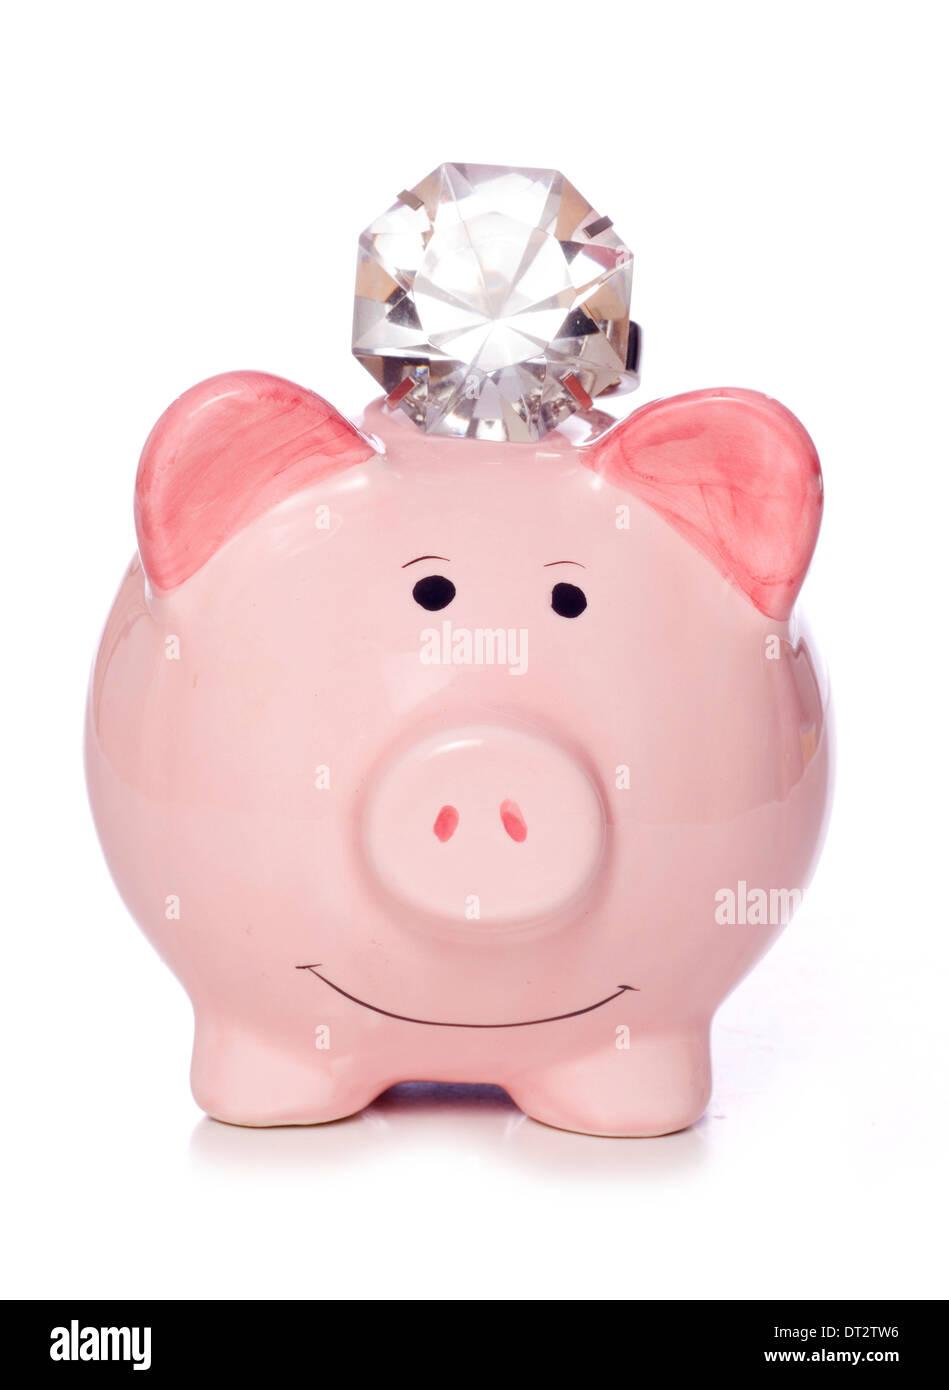 Wohlhabende Sparschwein mit Diamanten Ausschnitt speichern Stockbild